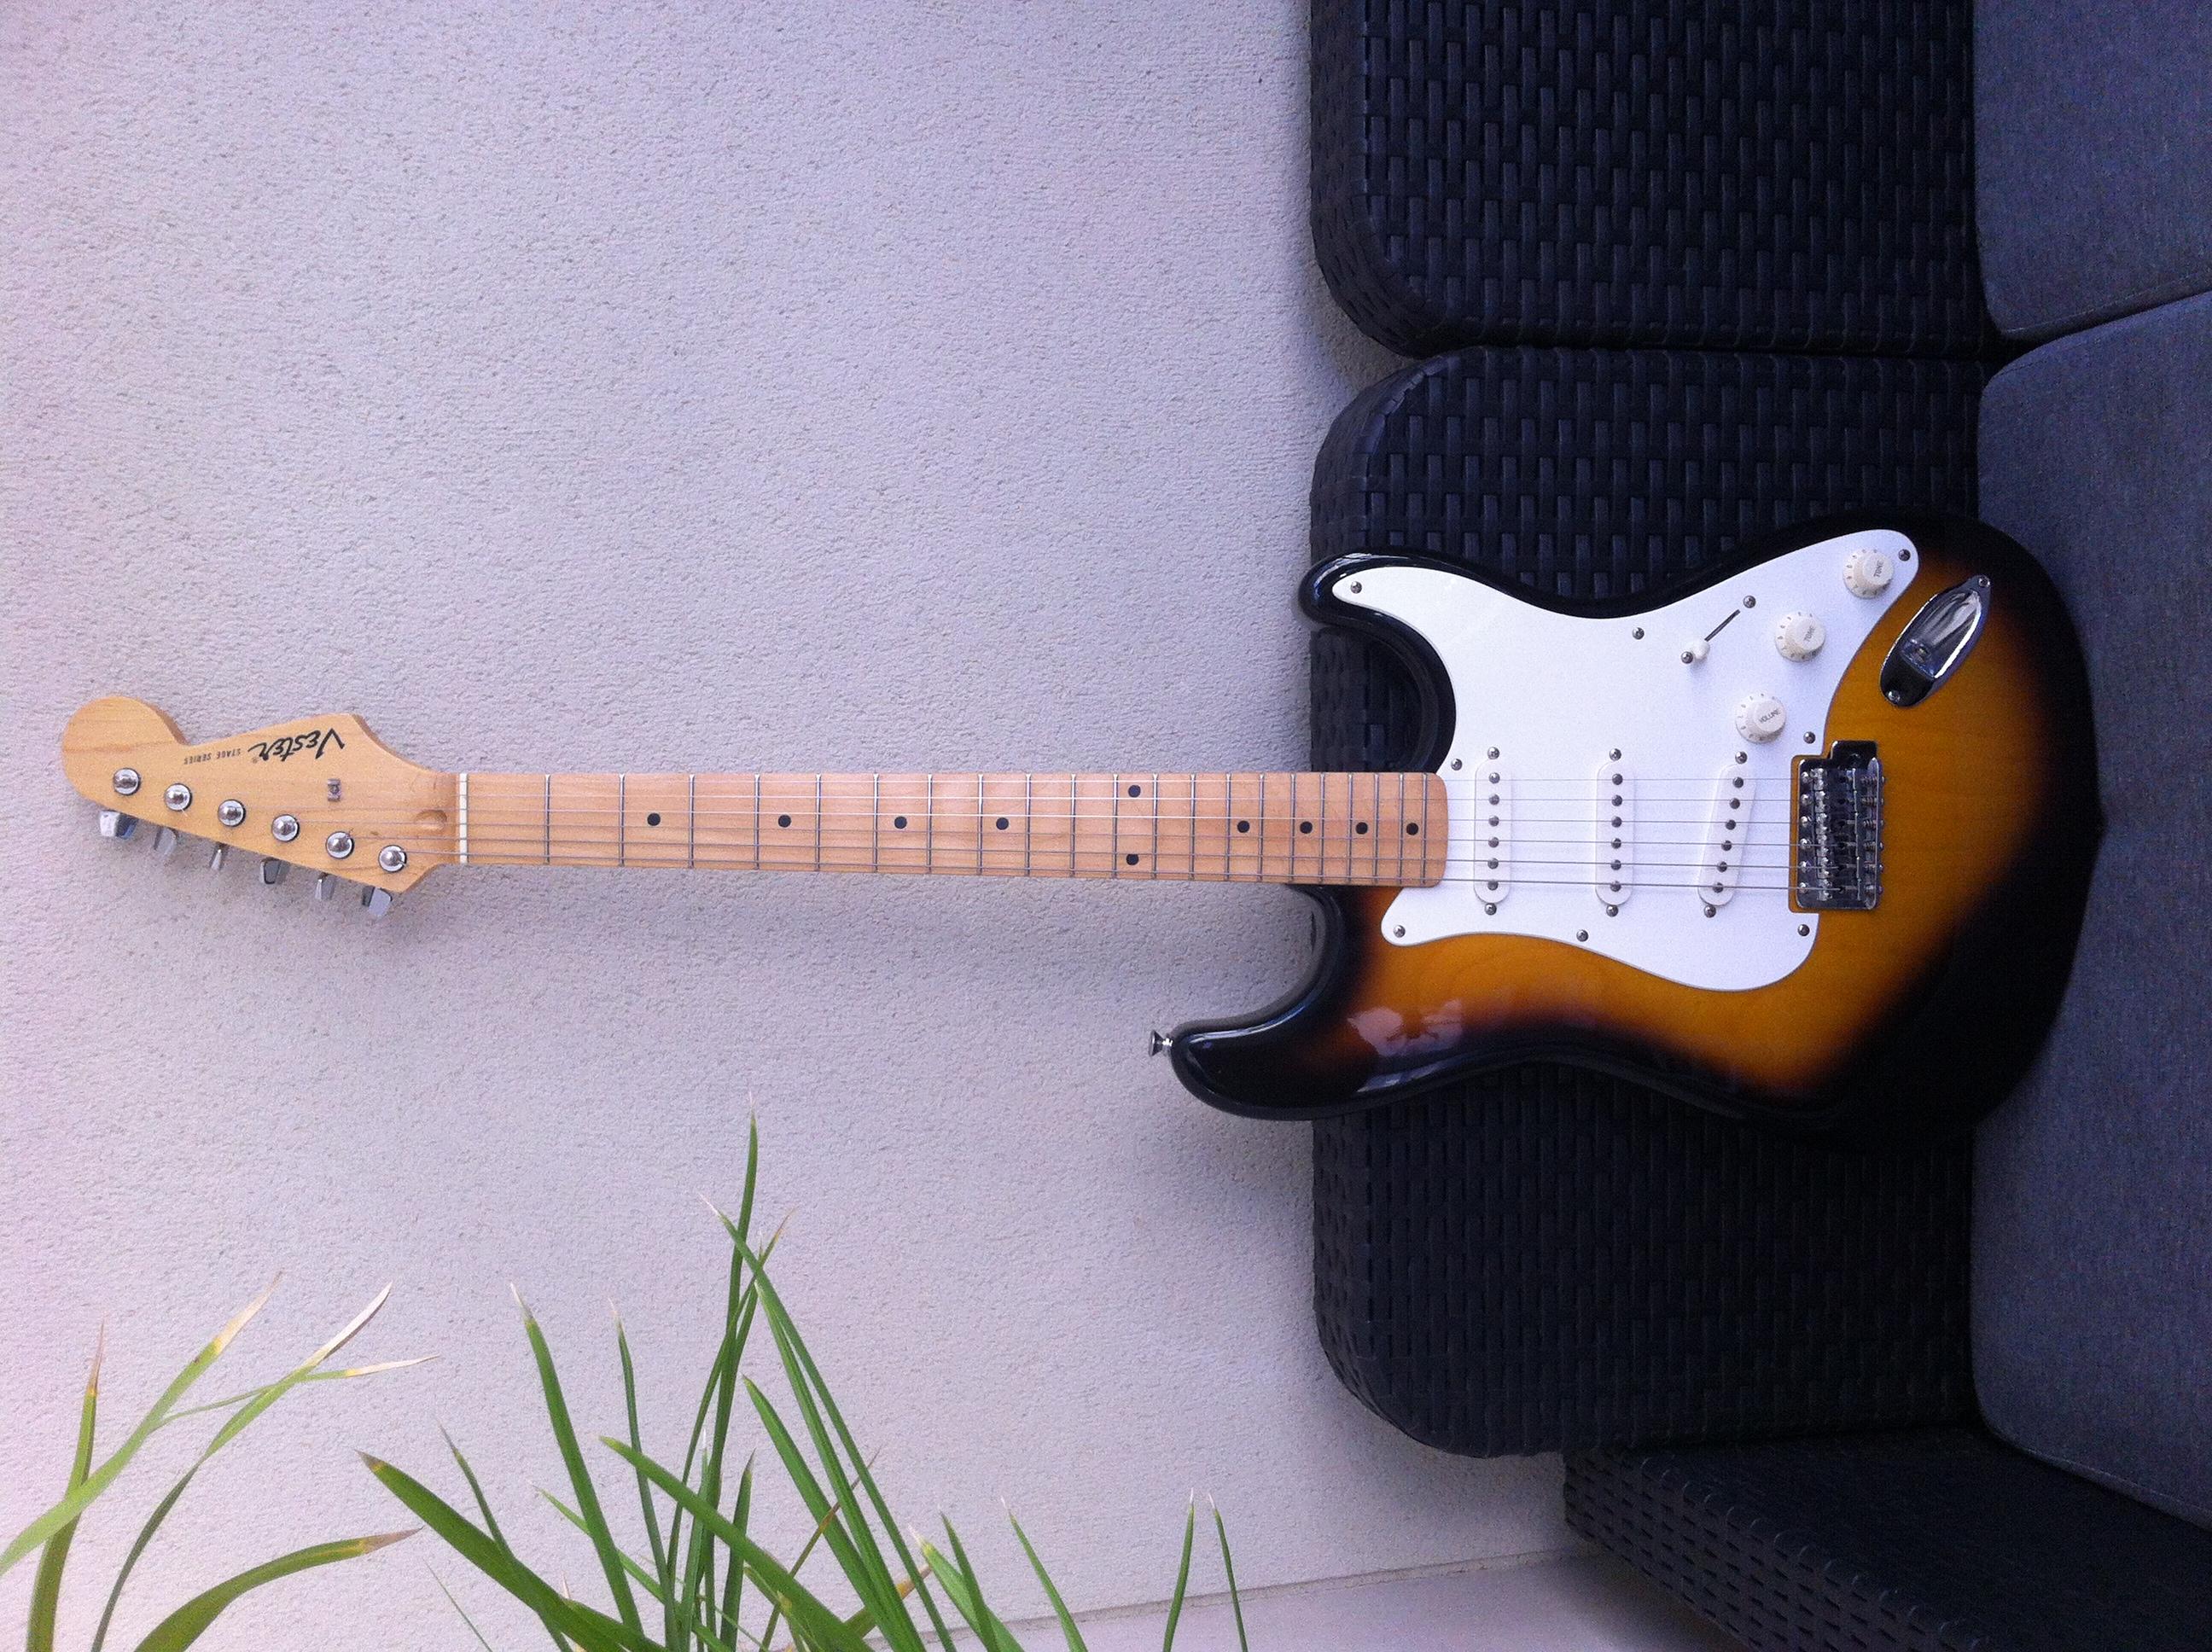 guitare electrique vester